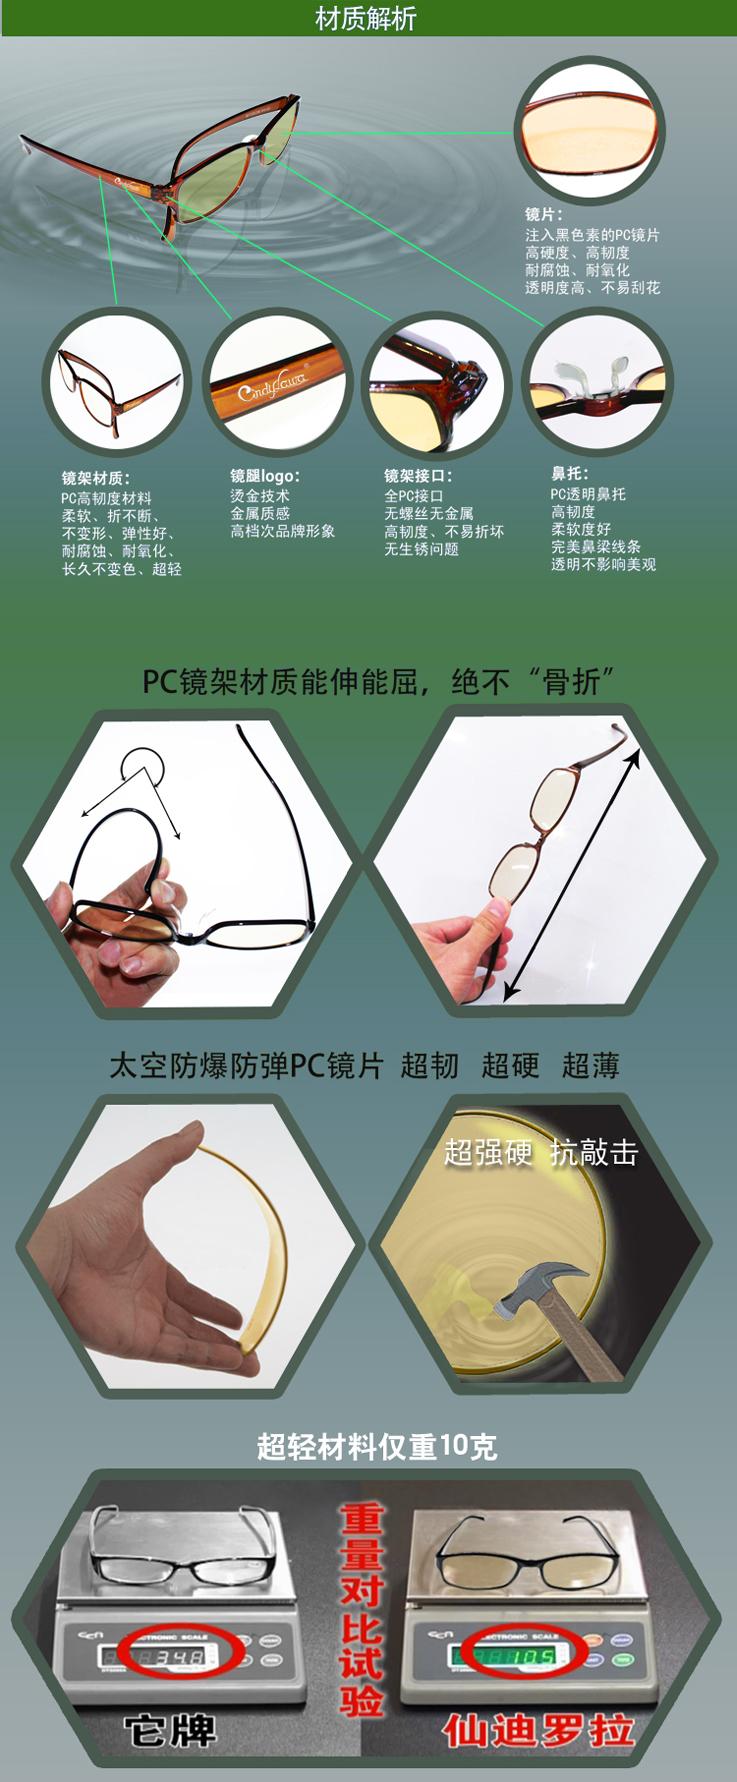 仙迪罗拉防光害辐射眼镜CD016_15